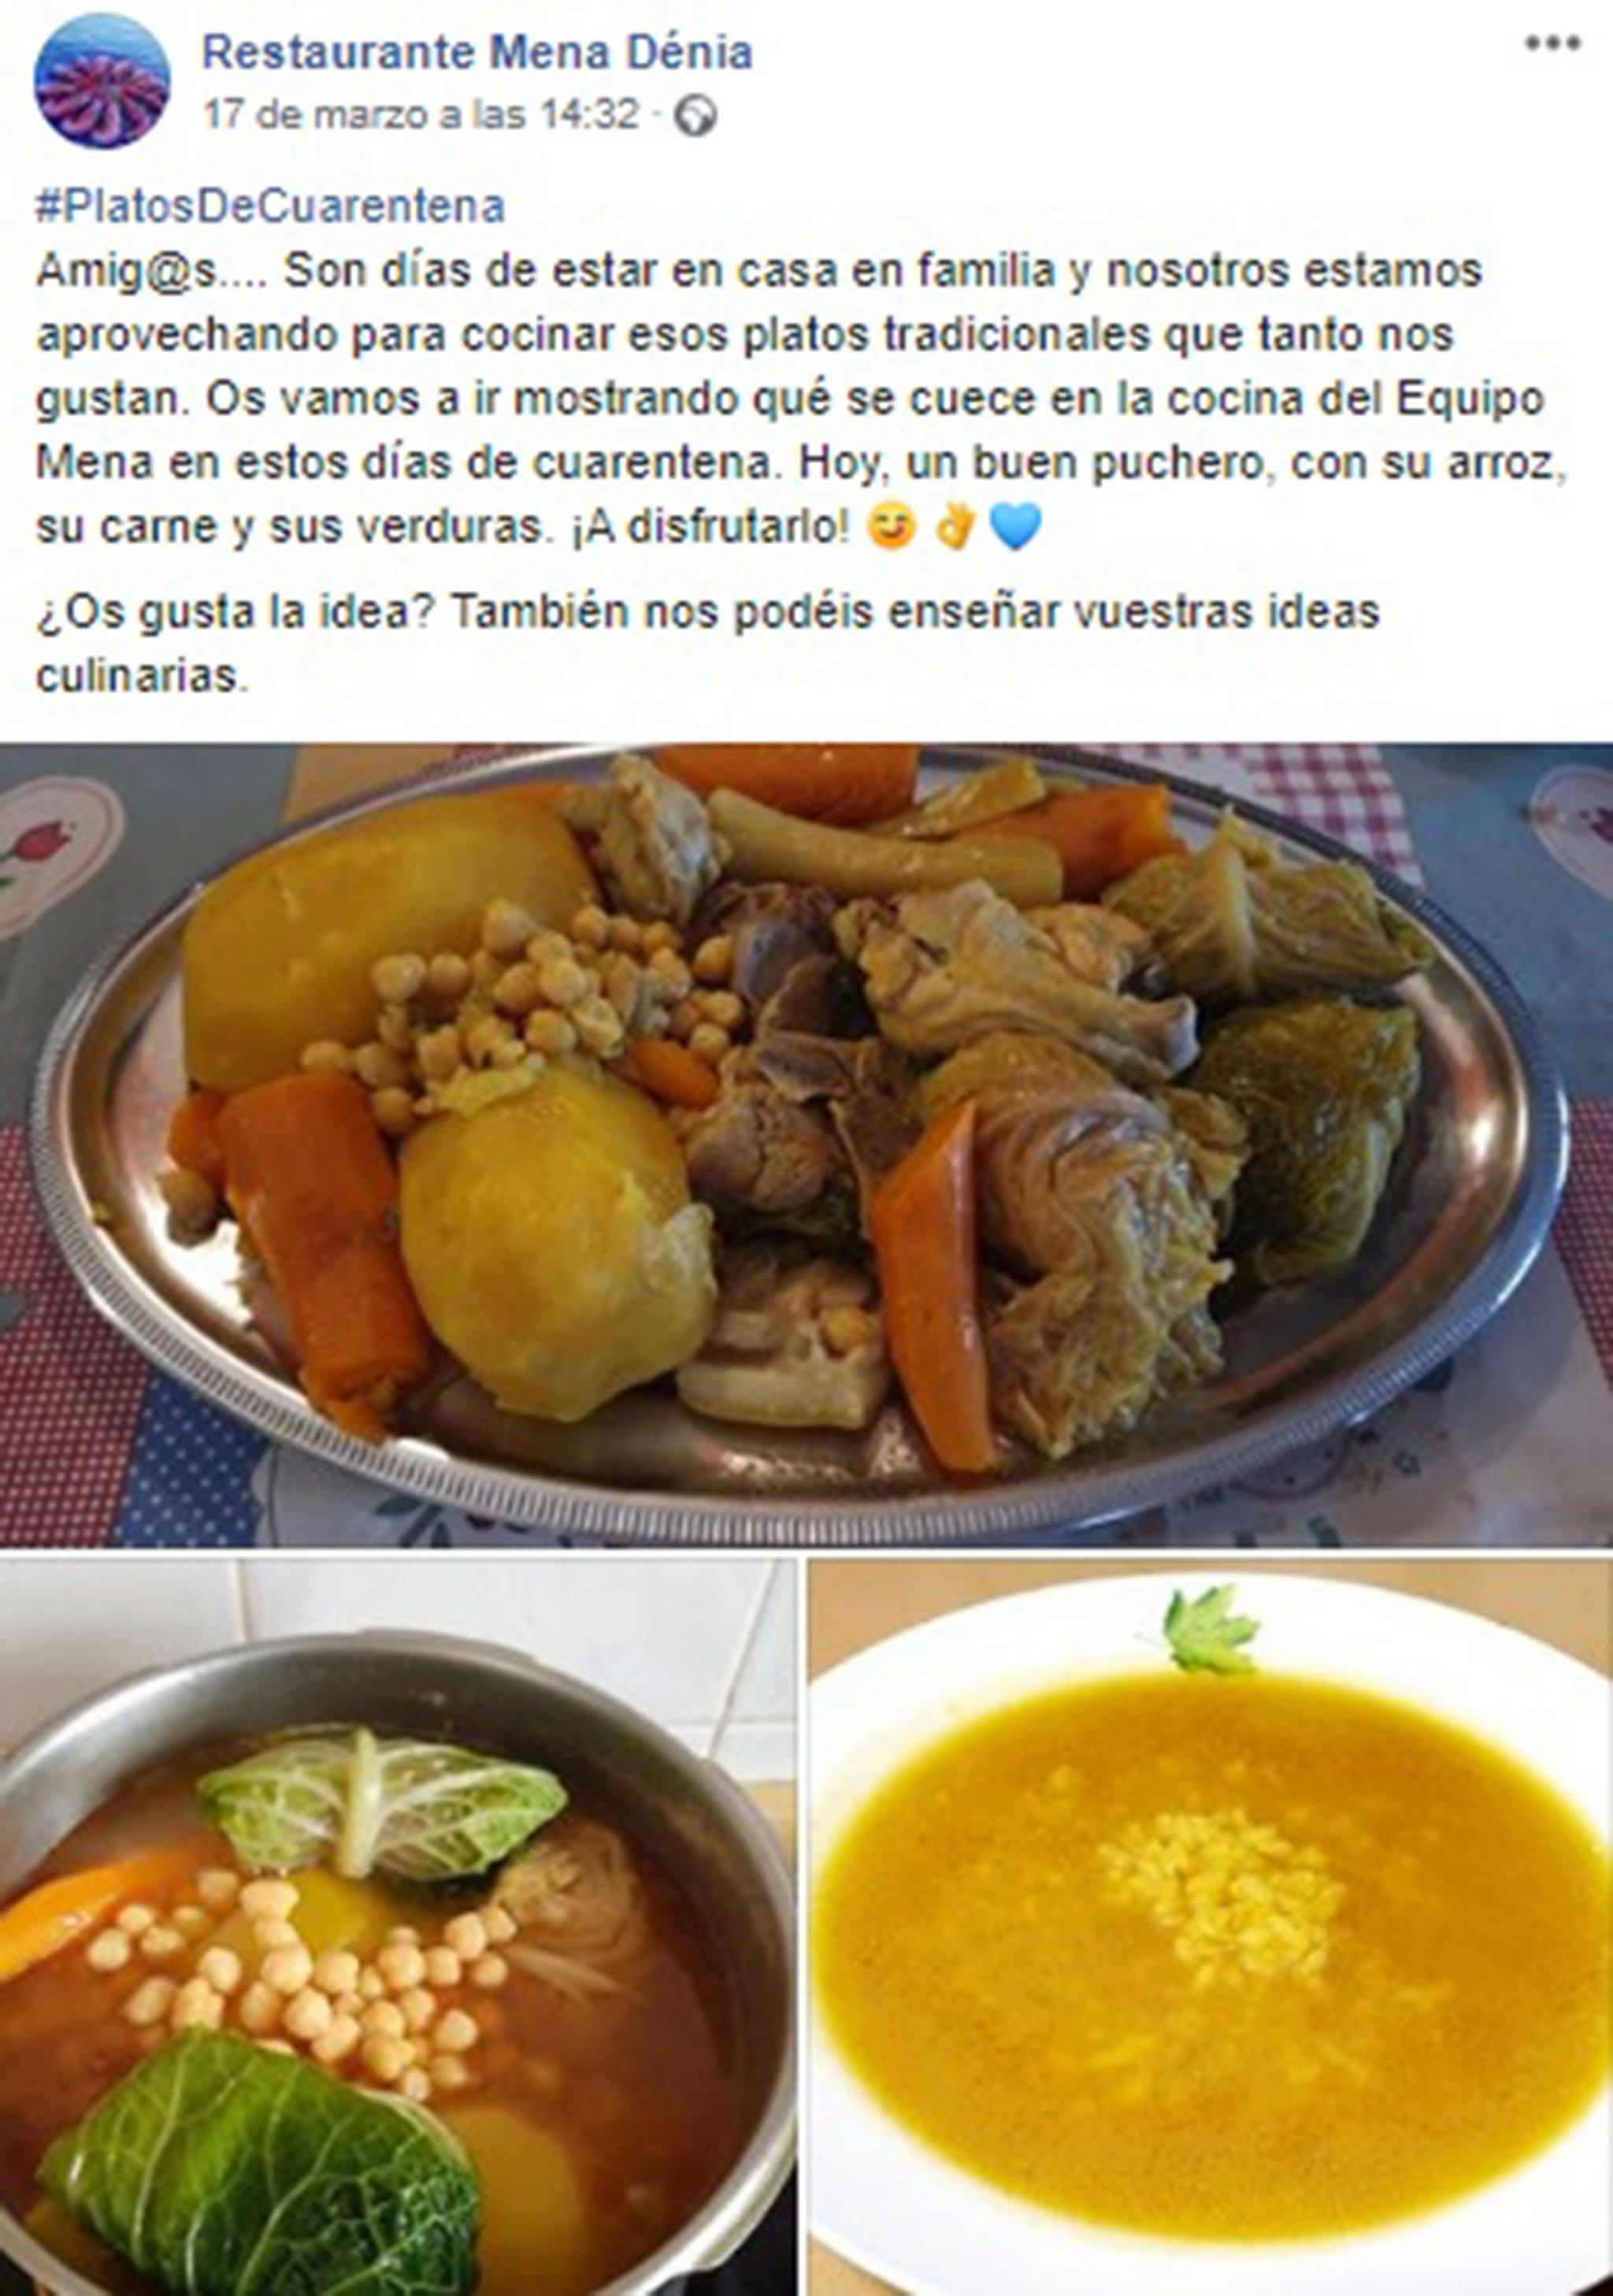 Restaurant Mena Facebook Post